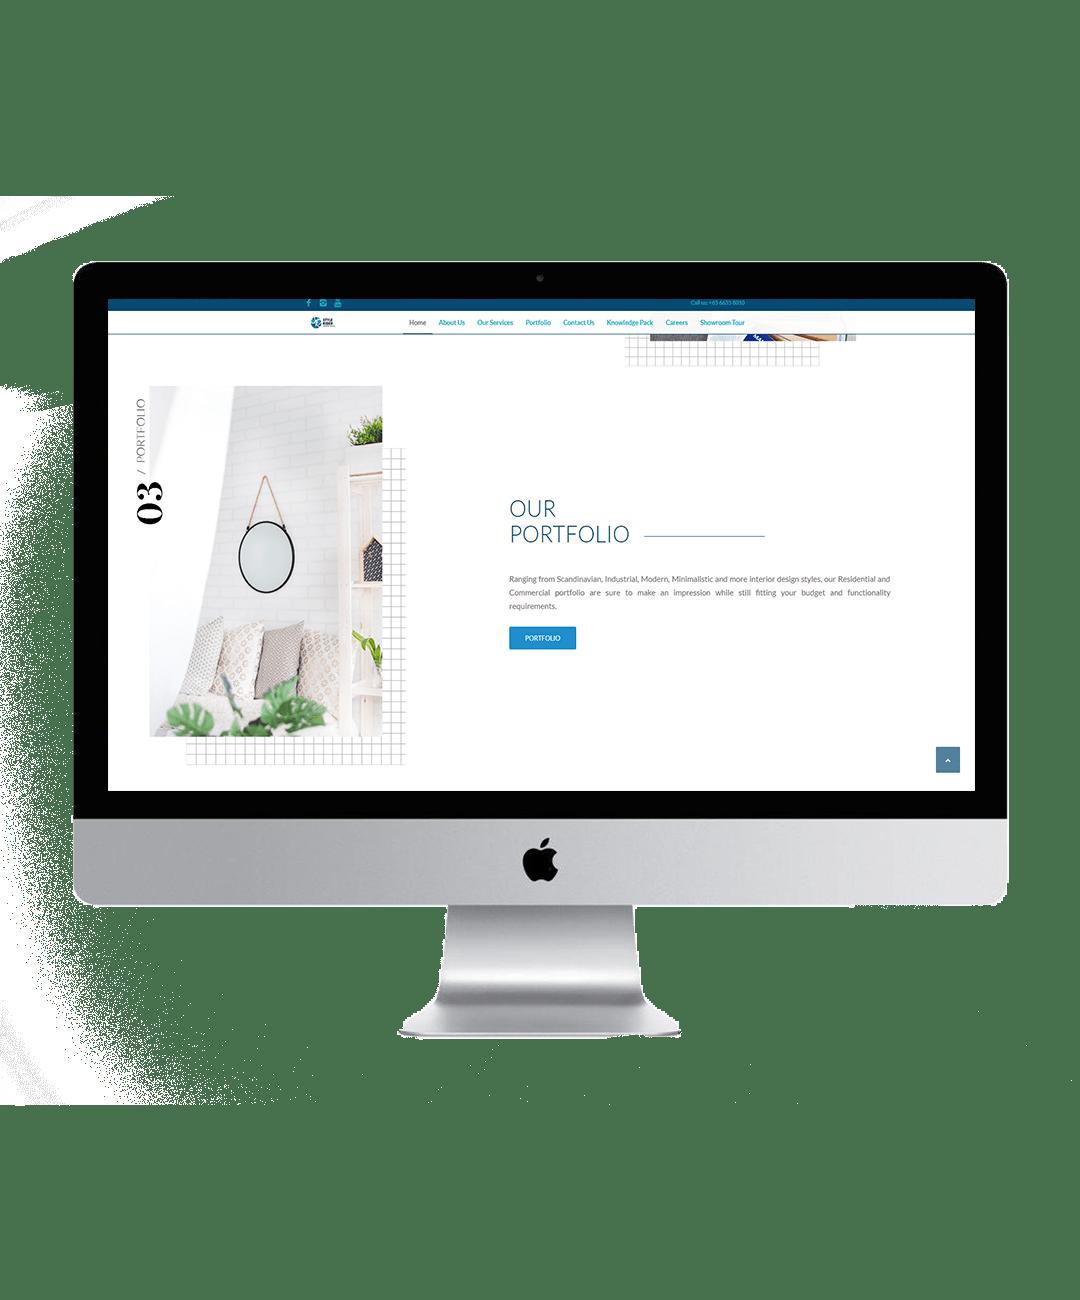 stylerider website showcase 3